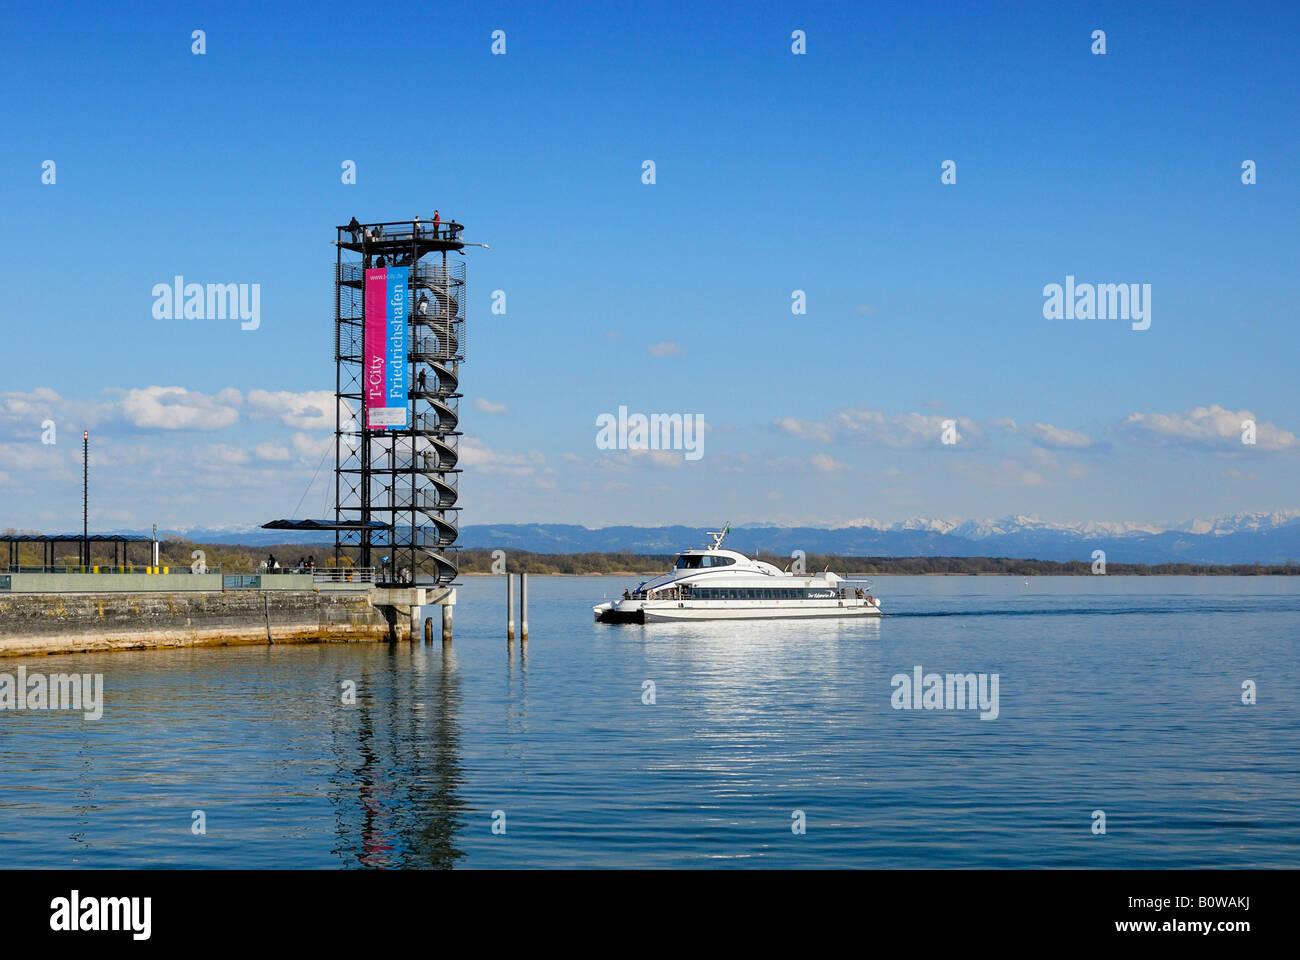 Molenturm Tower and the MF-Friedrichshafen ferry, Friedrichshafen, Baden-Wuerttemberg, Deutschland, Europa - Stock Image